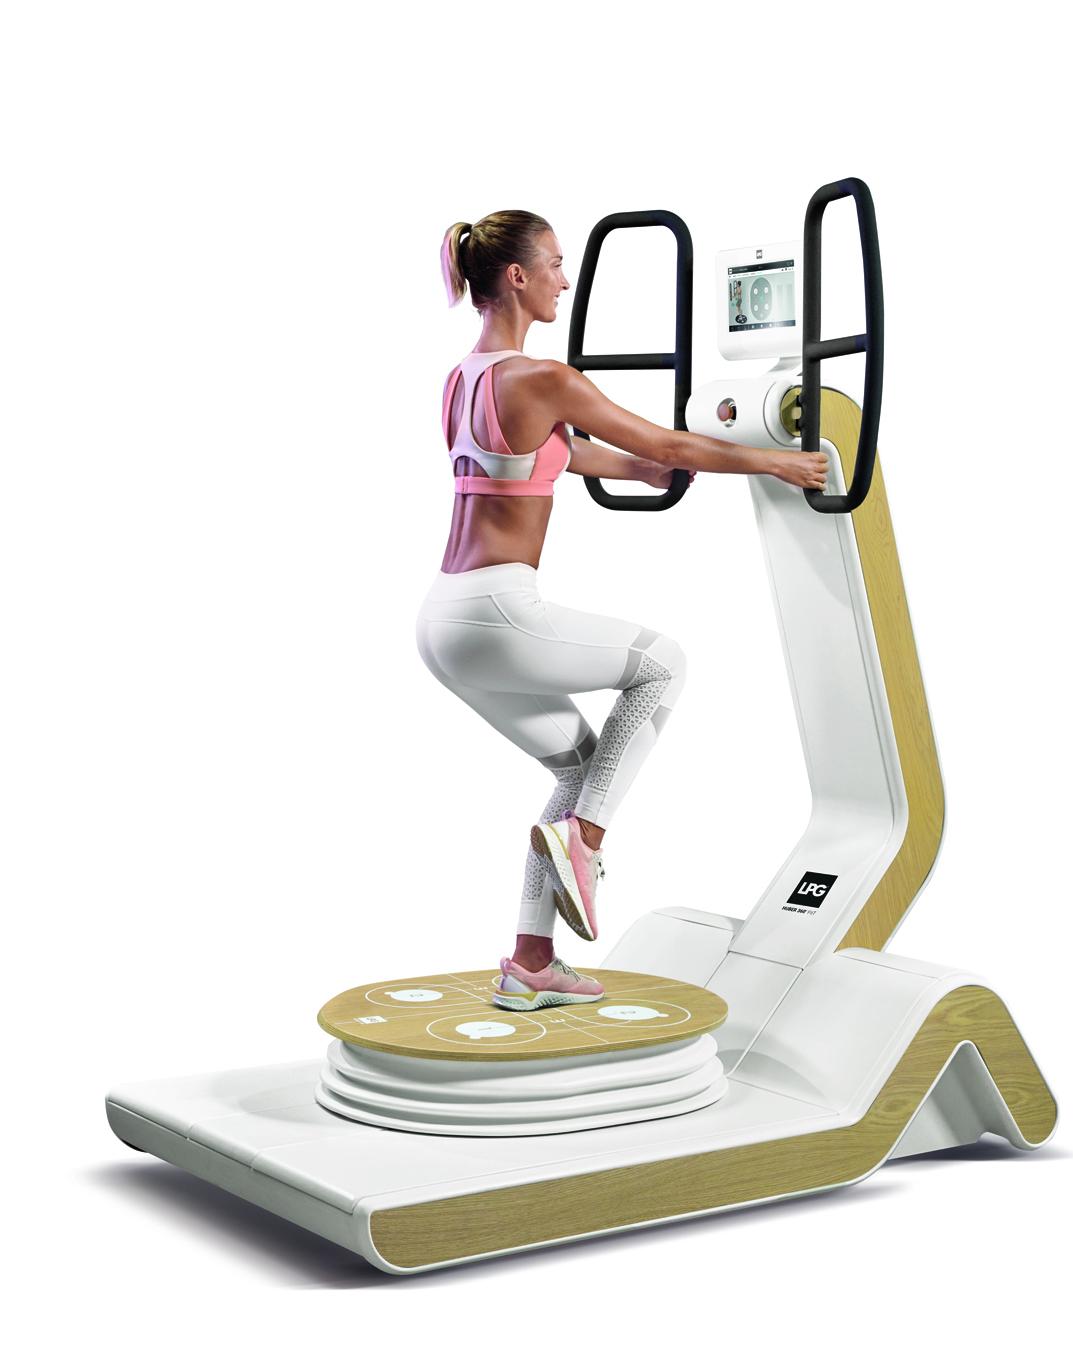 Huber 360 evolution fitness